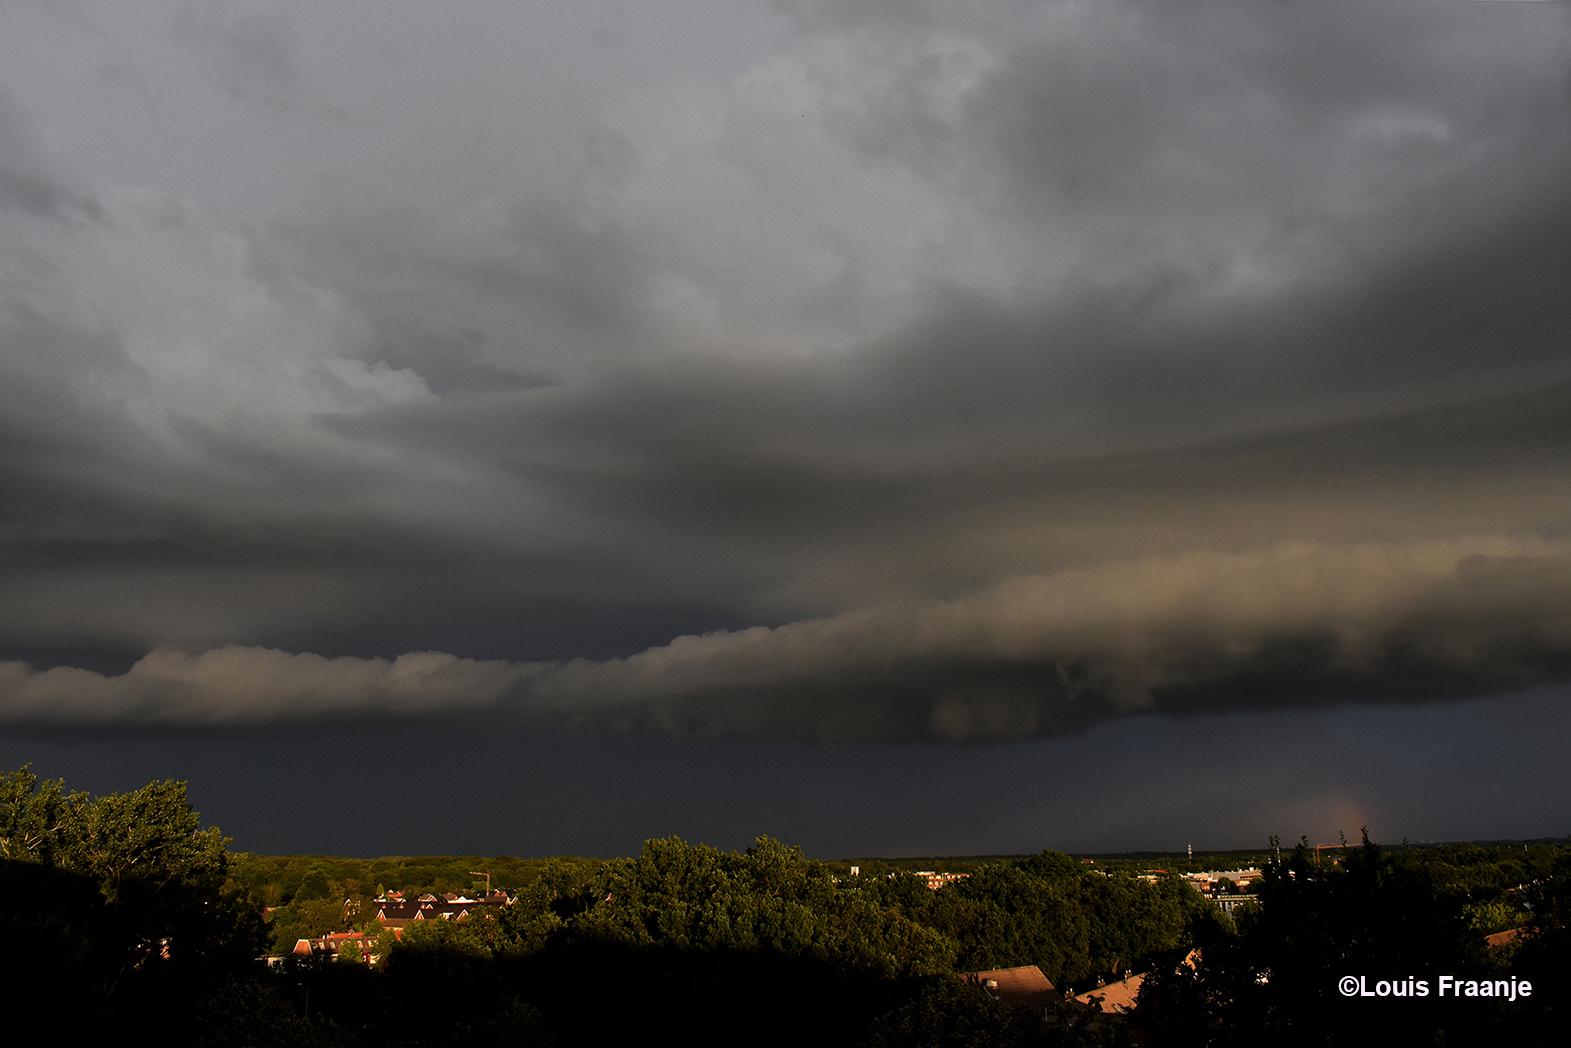 Een dreigende rolwolk boven Ede-Zuid, met de rollende donder op de achtergrond - Foto: ©Louis Fraanje